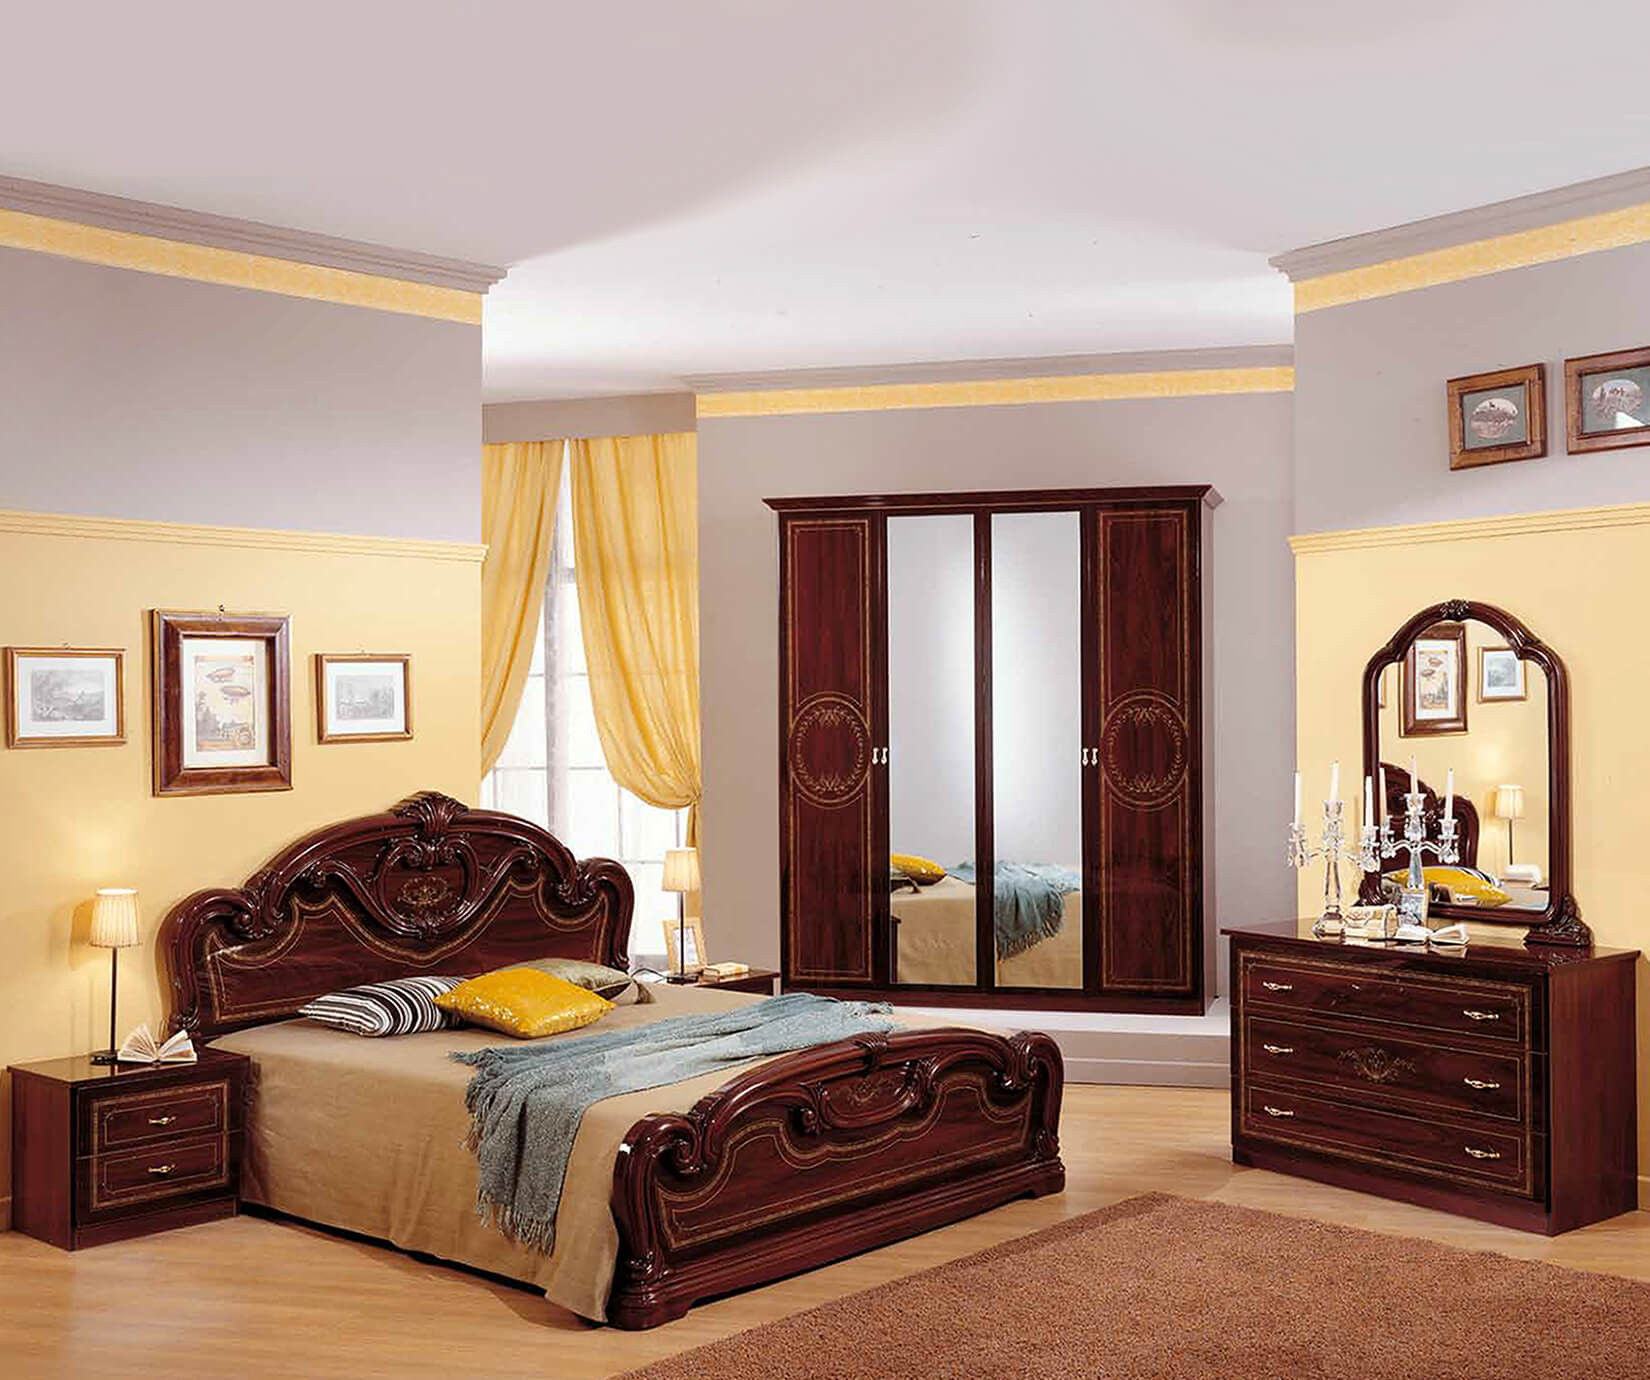 بالصور موديلات غرف نوم , اجمل صور لاختيار حجرة النوم 2198